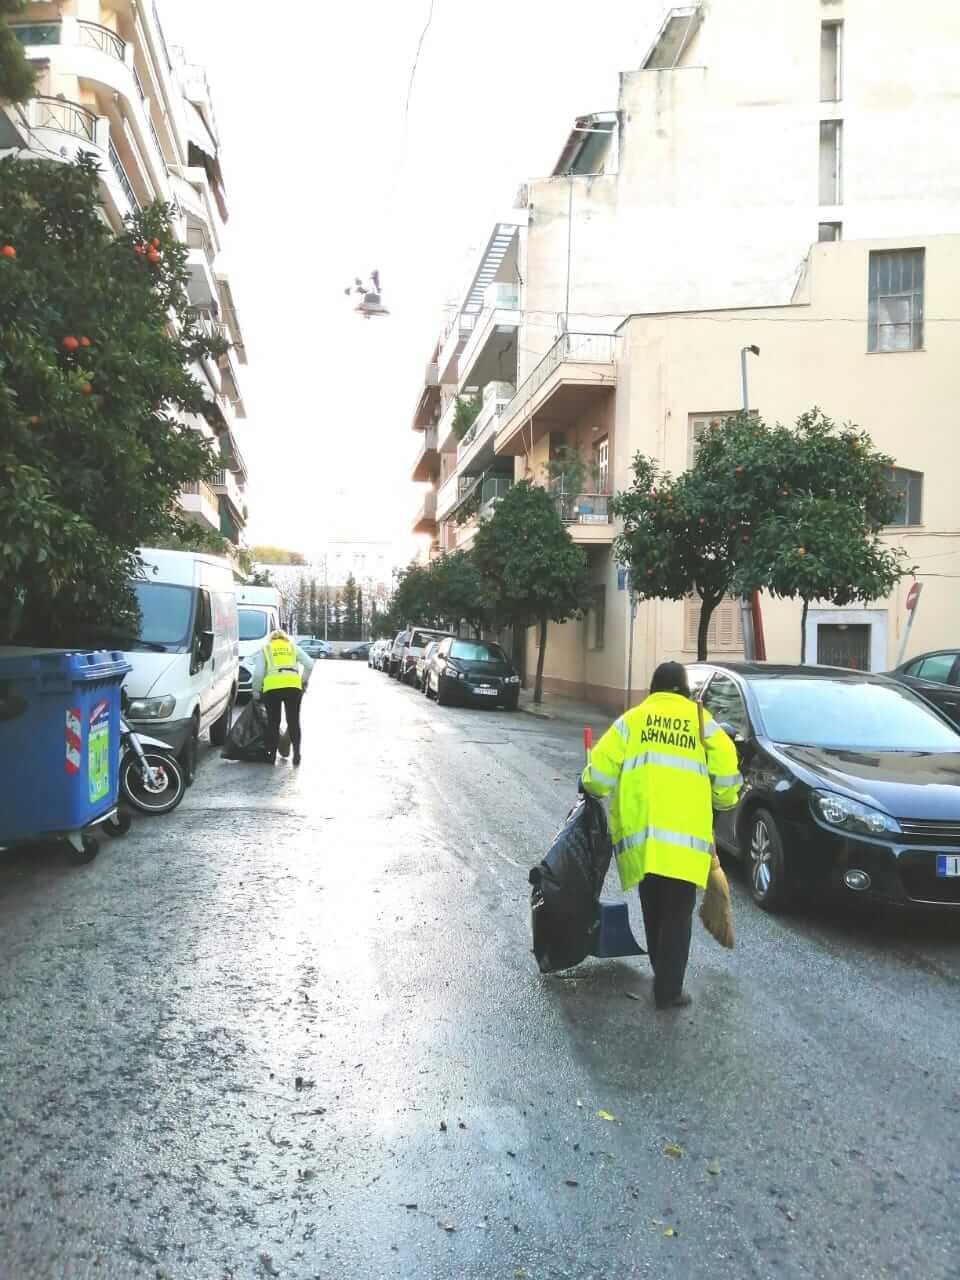 Με 37 επιχειρήσεις καθαριότητας αλλάζουν οι γειτονιές της Αθήνας